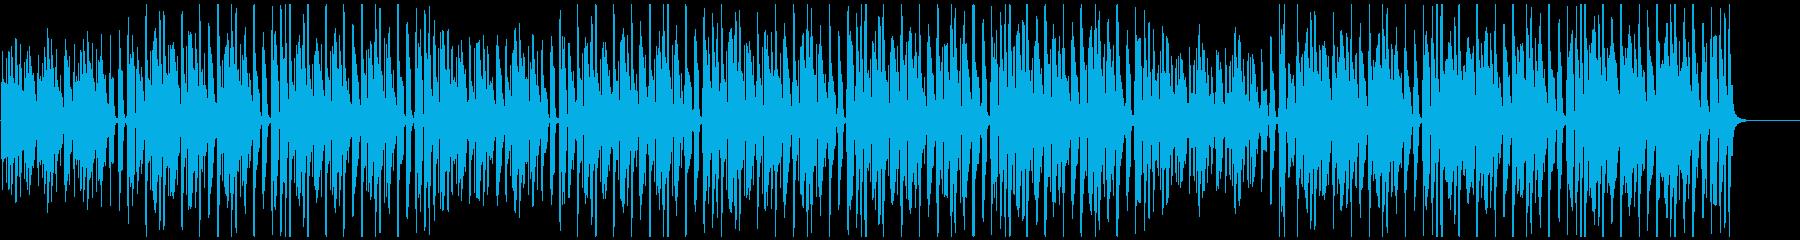 ゆったりコミカルな雰囲気のベース曲の再生済みの波形